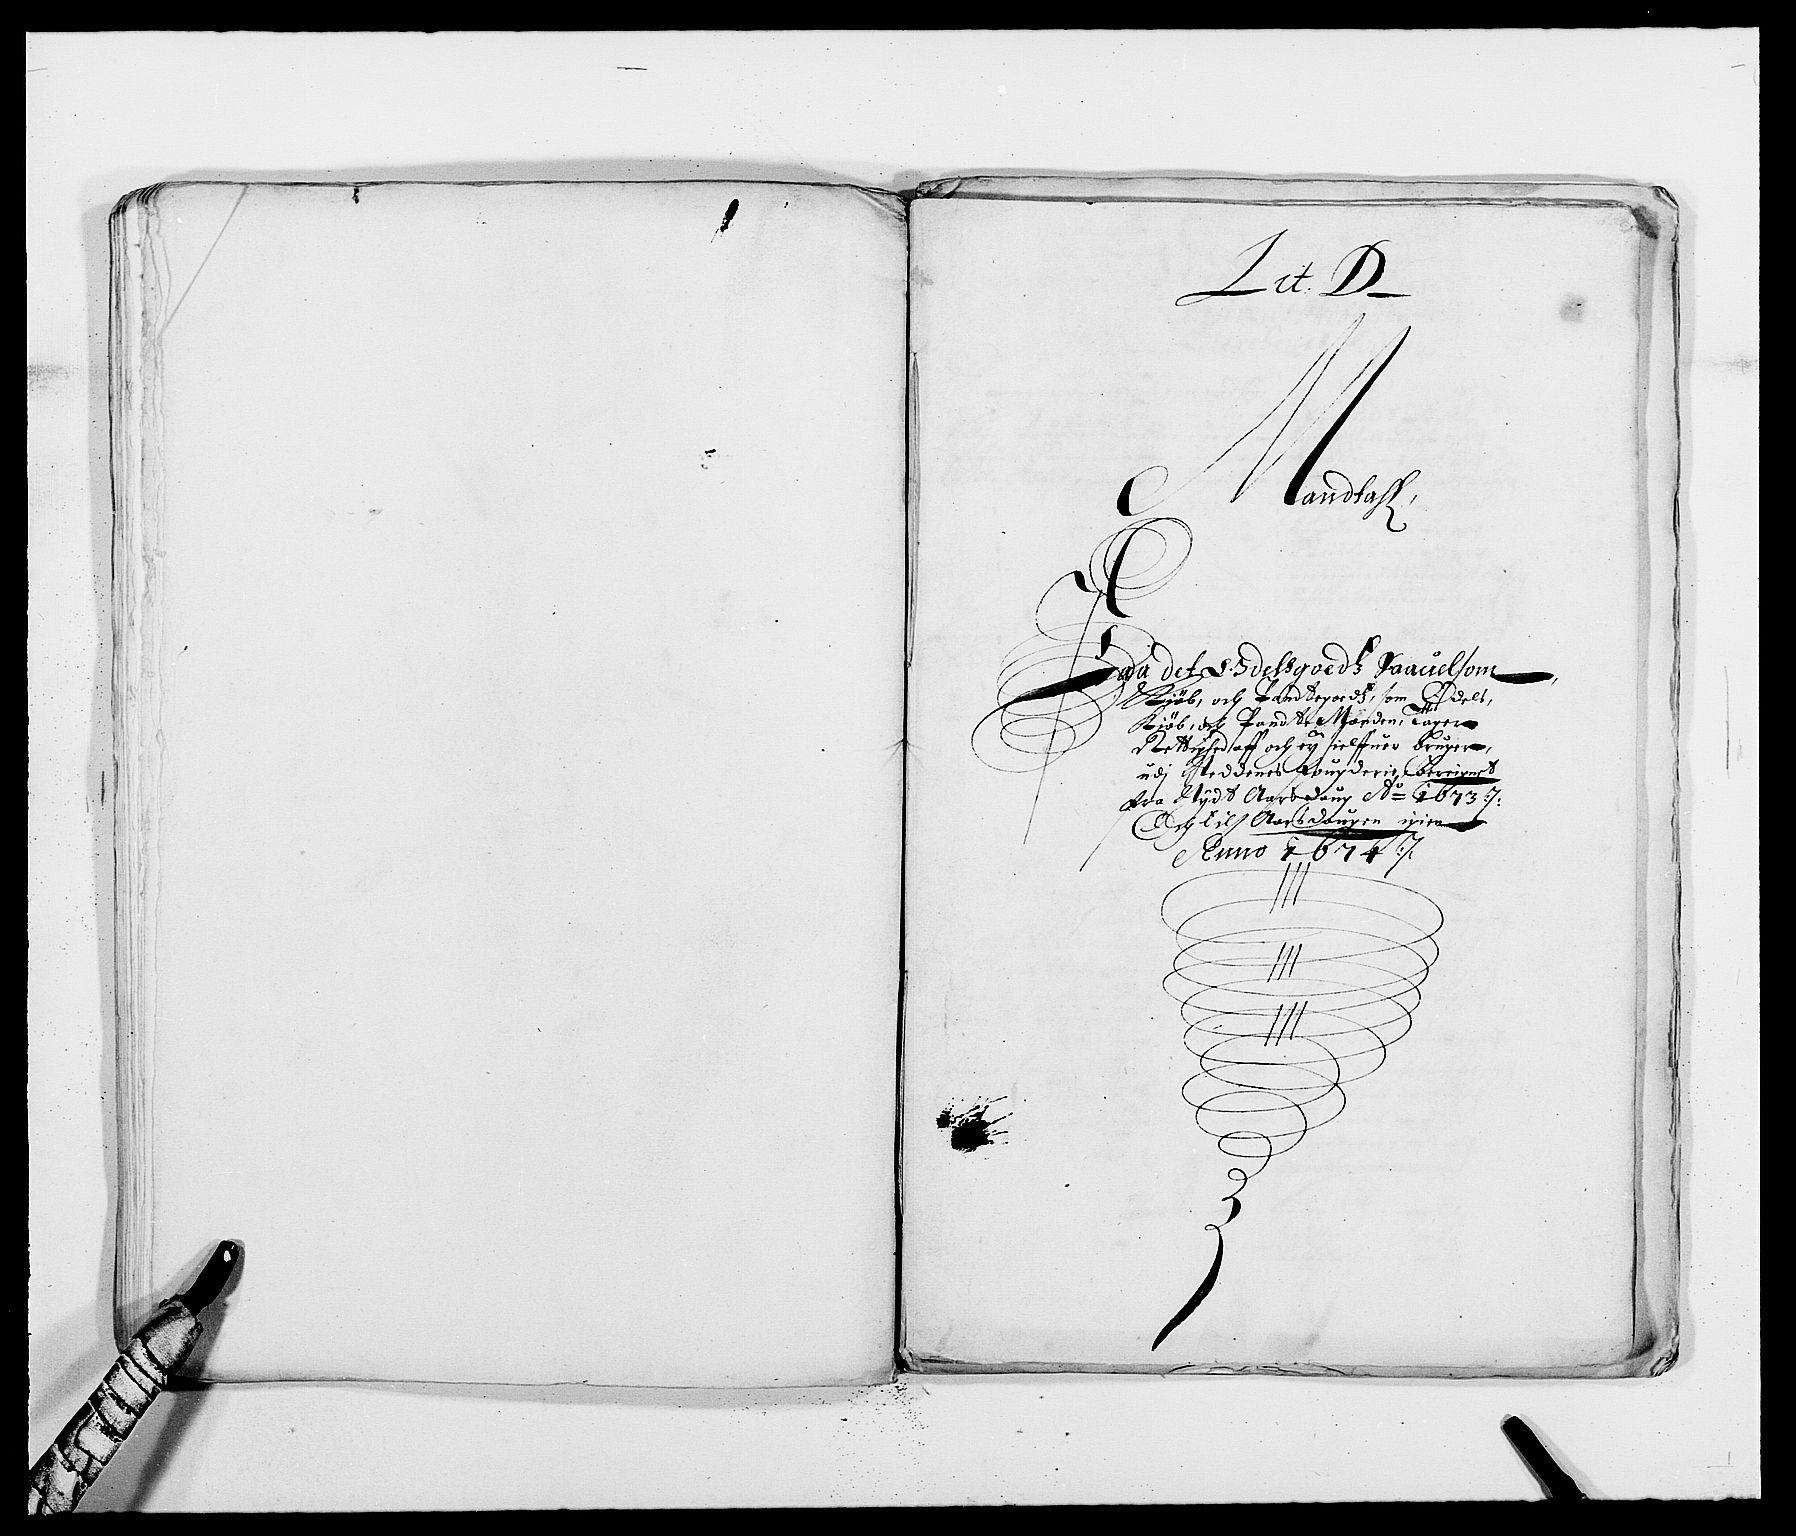 RA, Rentekammeret inntil 1814, Reviderte regnskaper, Fogderegnskap, R39/L2300: Fogderegnskap Nedenes, 1672-1674, s. 198